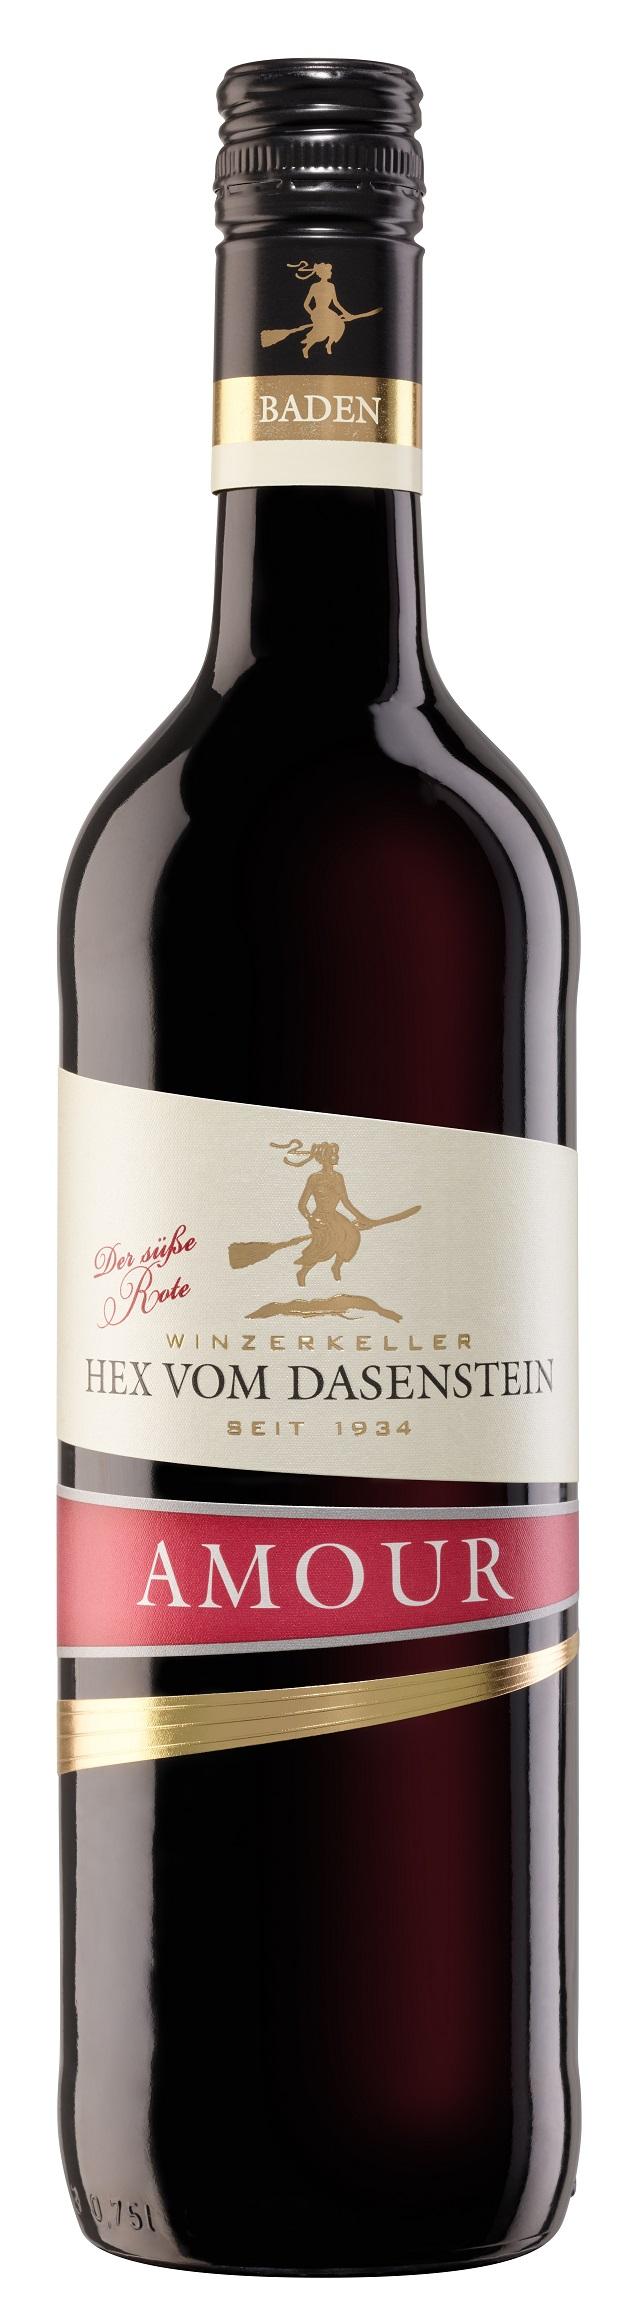 Hex vom Dasenstein AMOUR, der süße ROTE - Qualitätswein